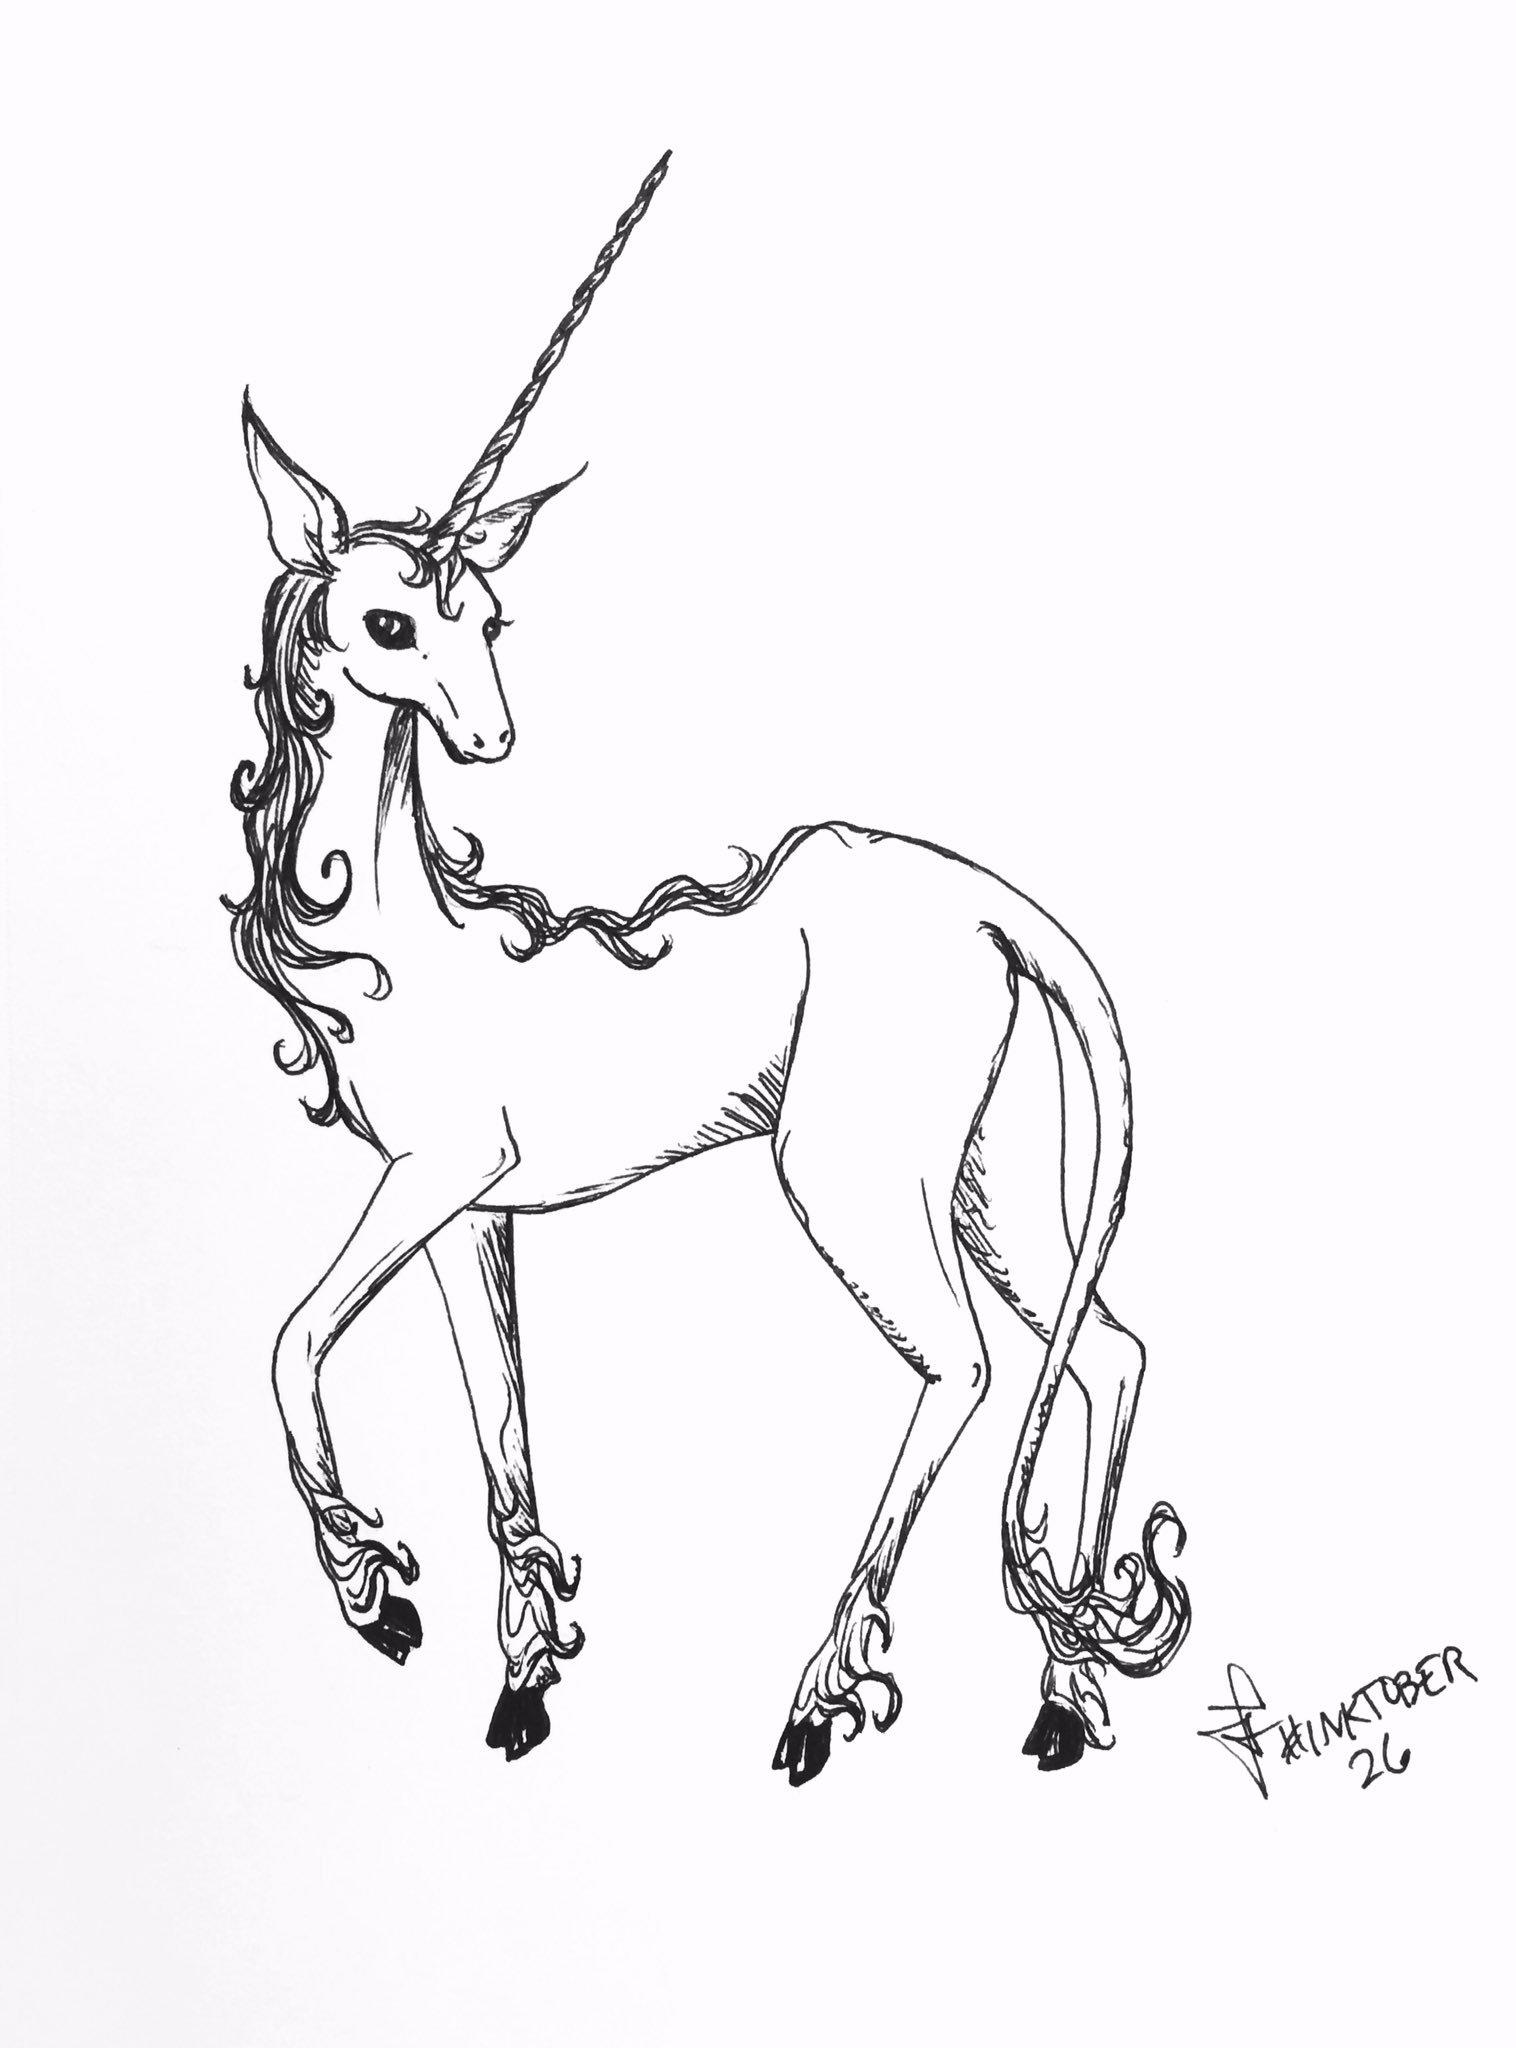 #inktober 26: a tribute to The Last Unicorn 🦄💜 #unicorn #sketch #fanart #FanArtFriday https://t.co/RKs5gj000d